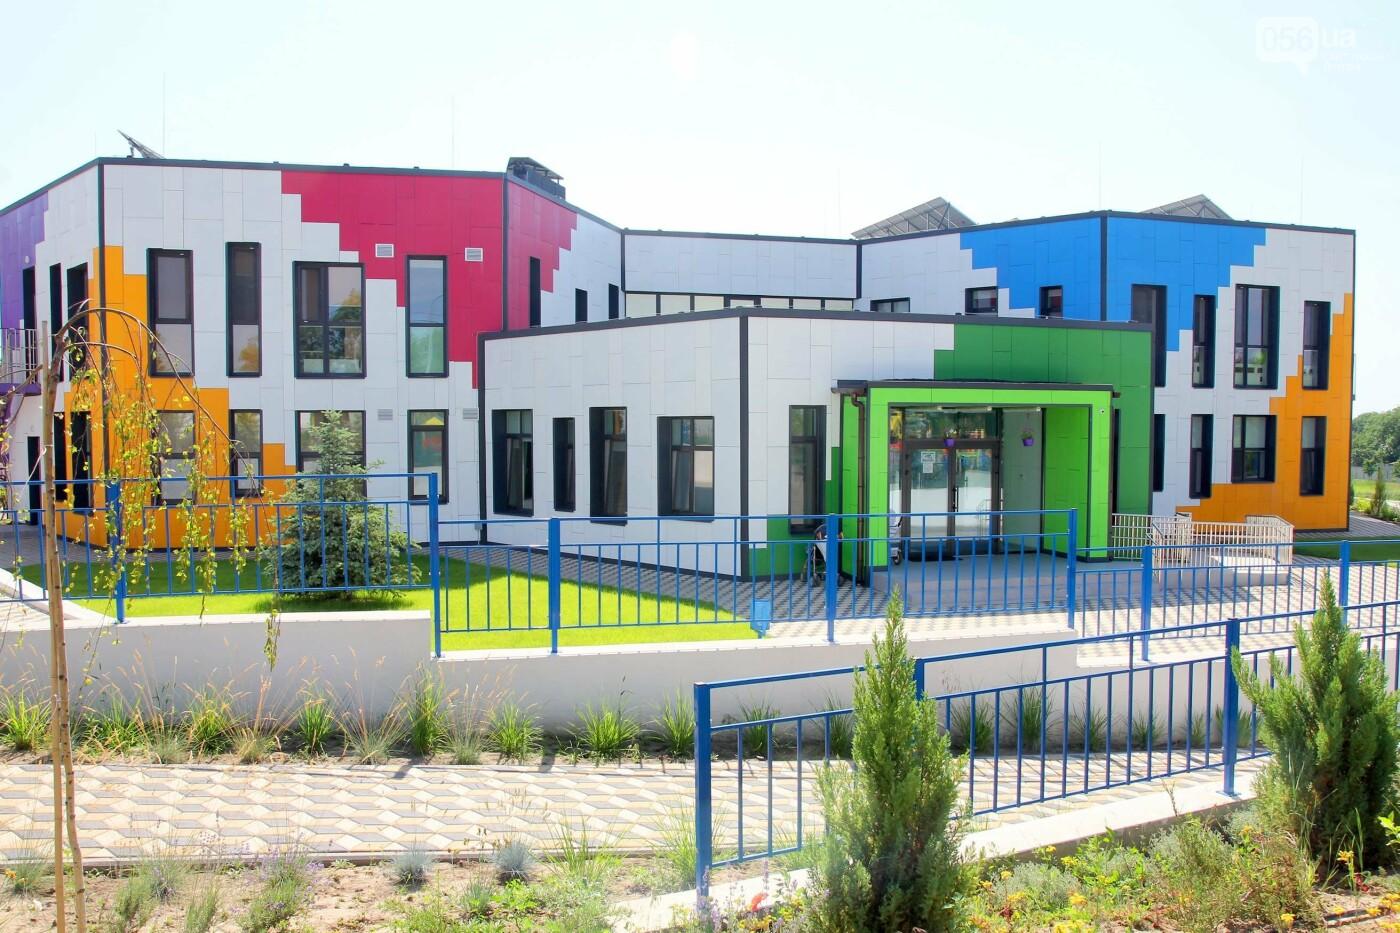 Будівництво дитячого садка в смт Іларіонове Синельниківського району Дніпропетровської області